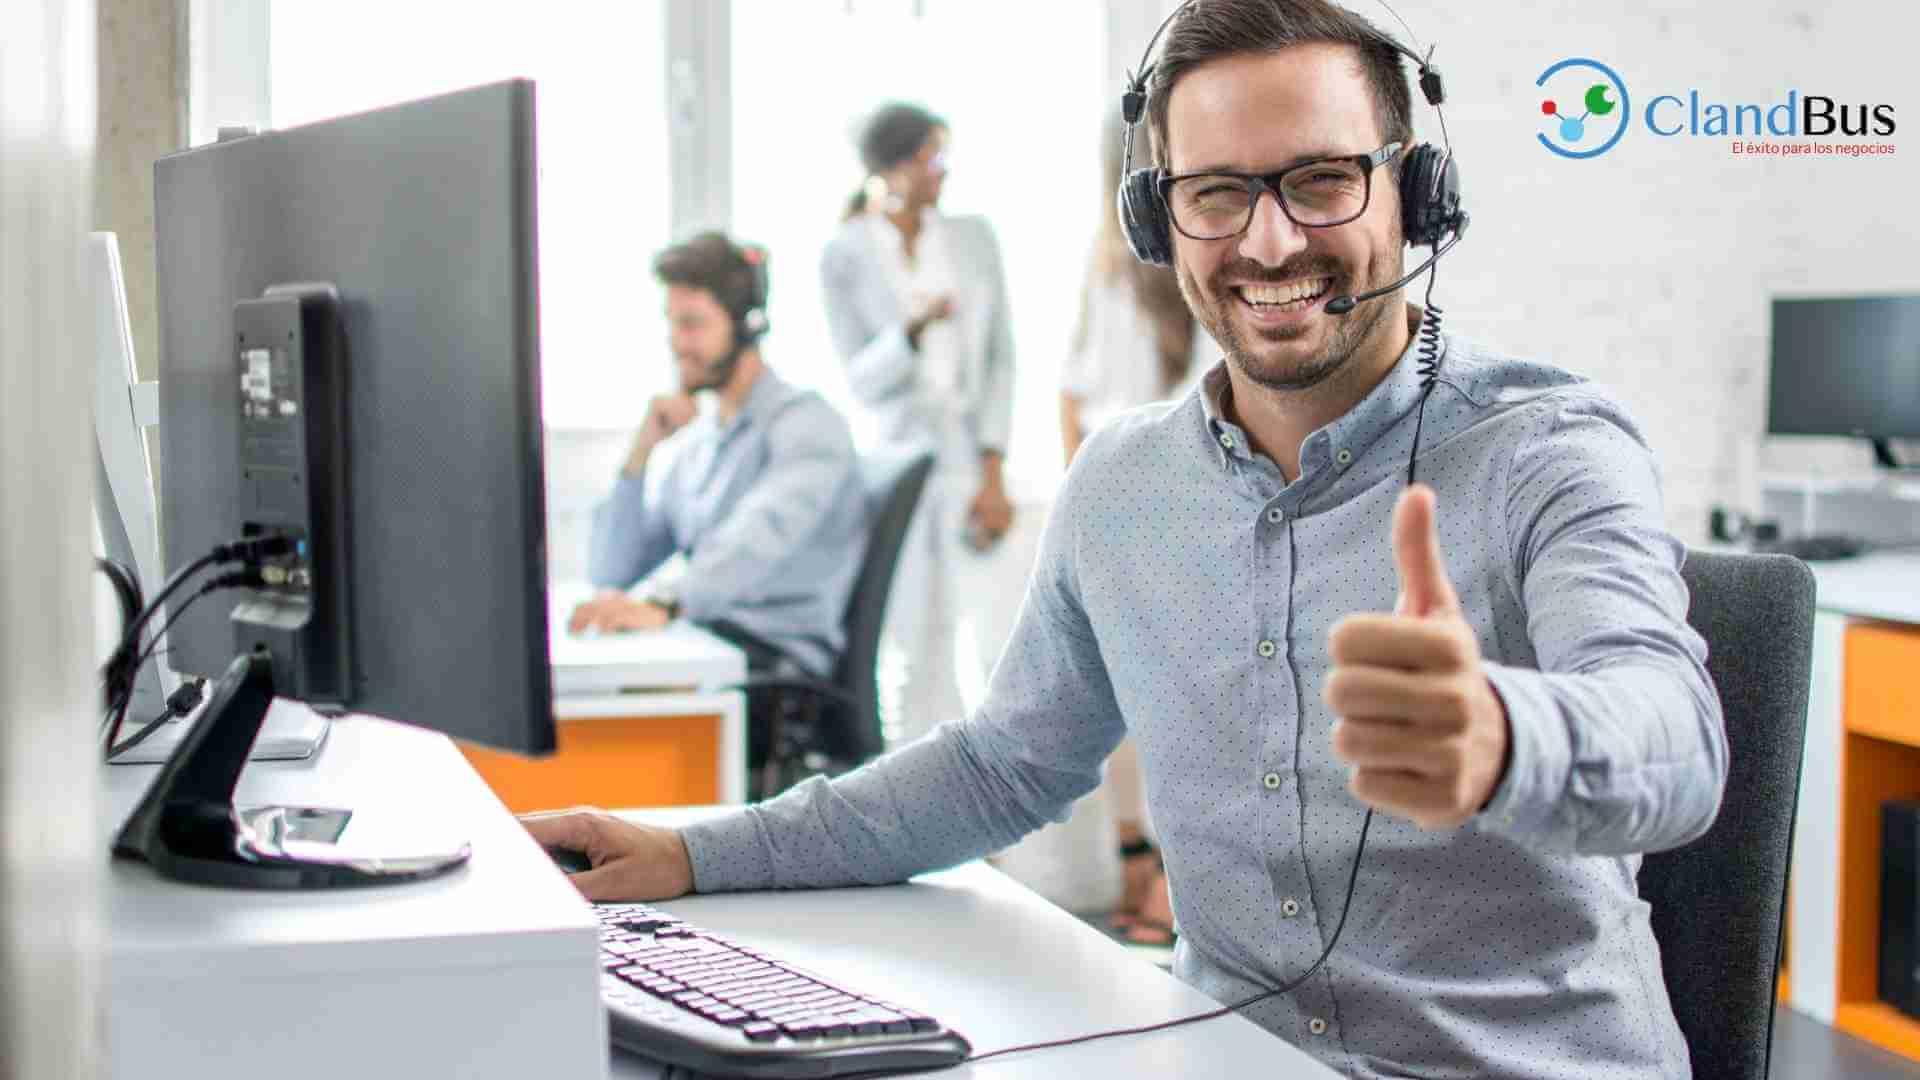 atraer prospectos calificados - Aumenta las utilidades y atención con la atracción de clientes calificados y potenciales desde una sola herramienta y con las mejores prácticas y estrategias con ClandBus